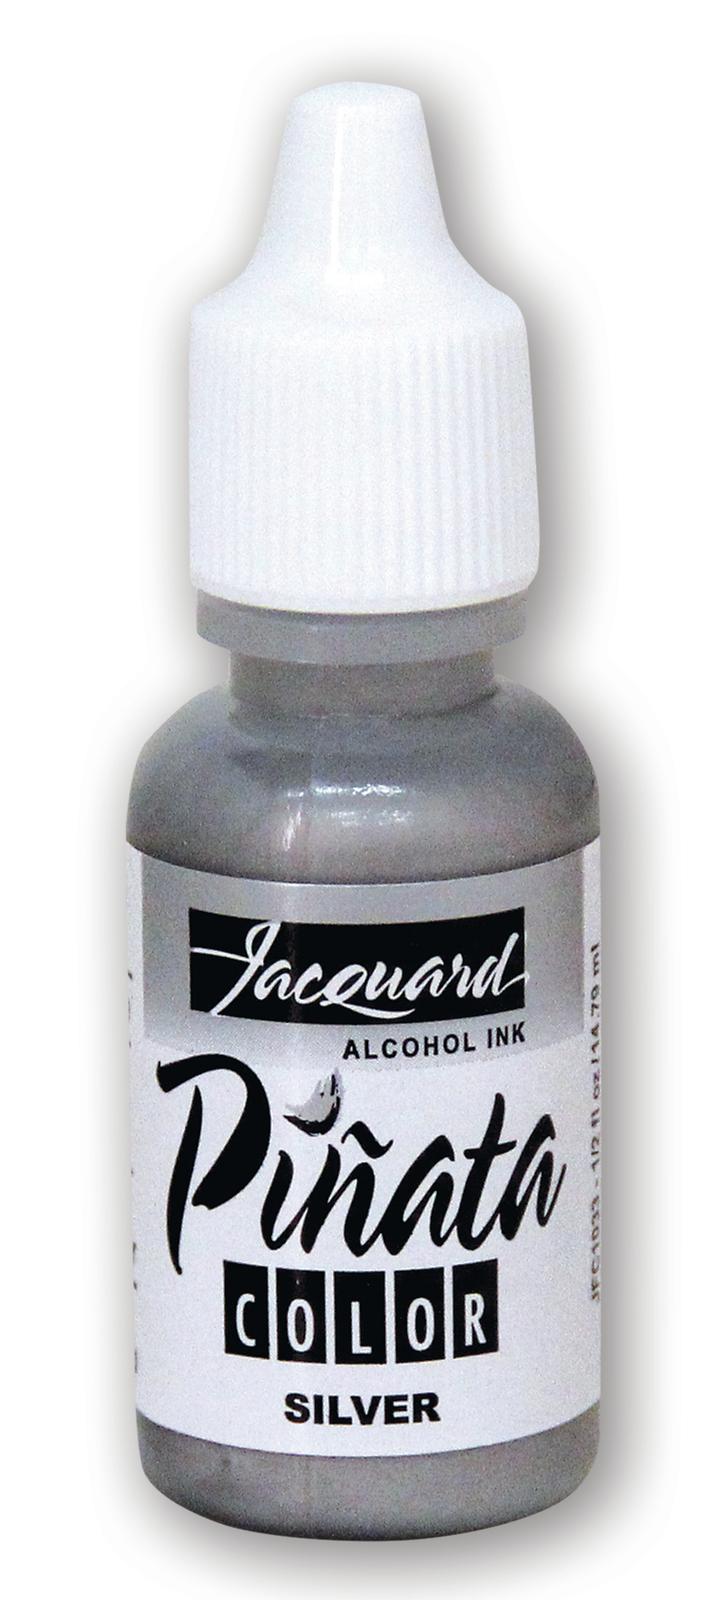 Jacquard: Pinata Alcohol Ink - Silver 033 (14.79ml) image